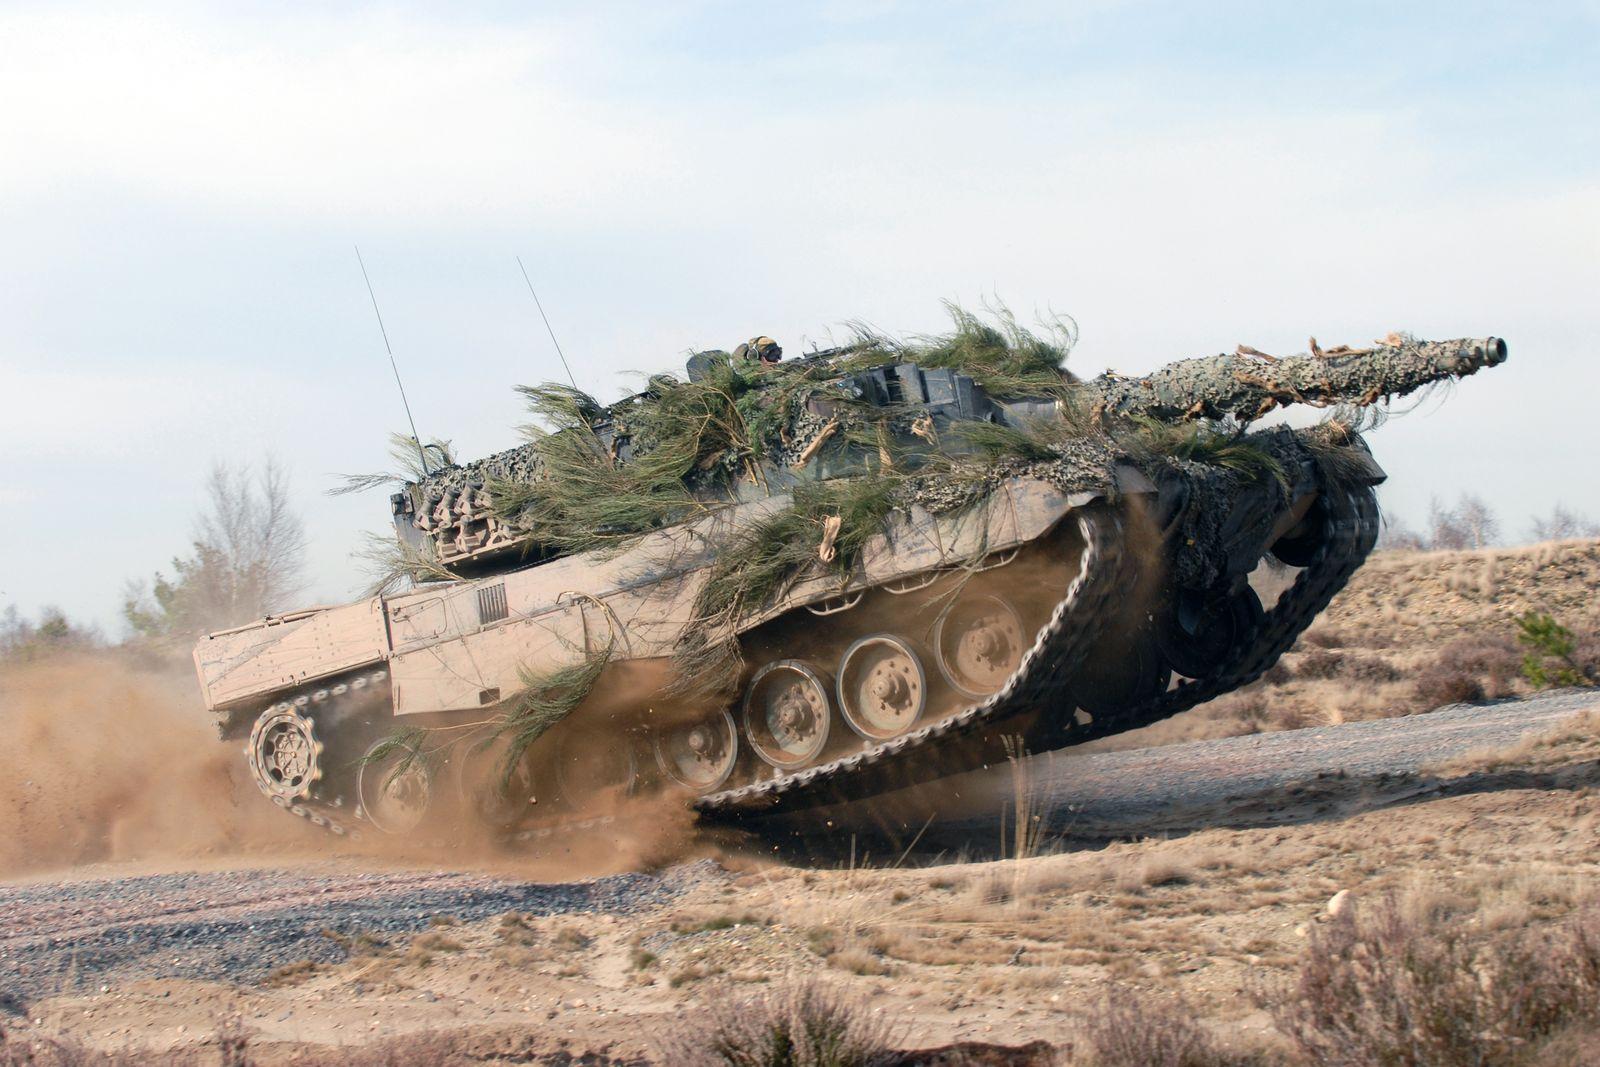 DER SPIEGEL 49/2012 SPIN pp20 Titel / Rüstungsexport / Leopard 2